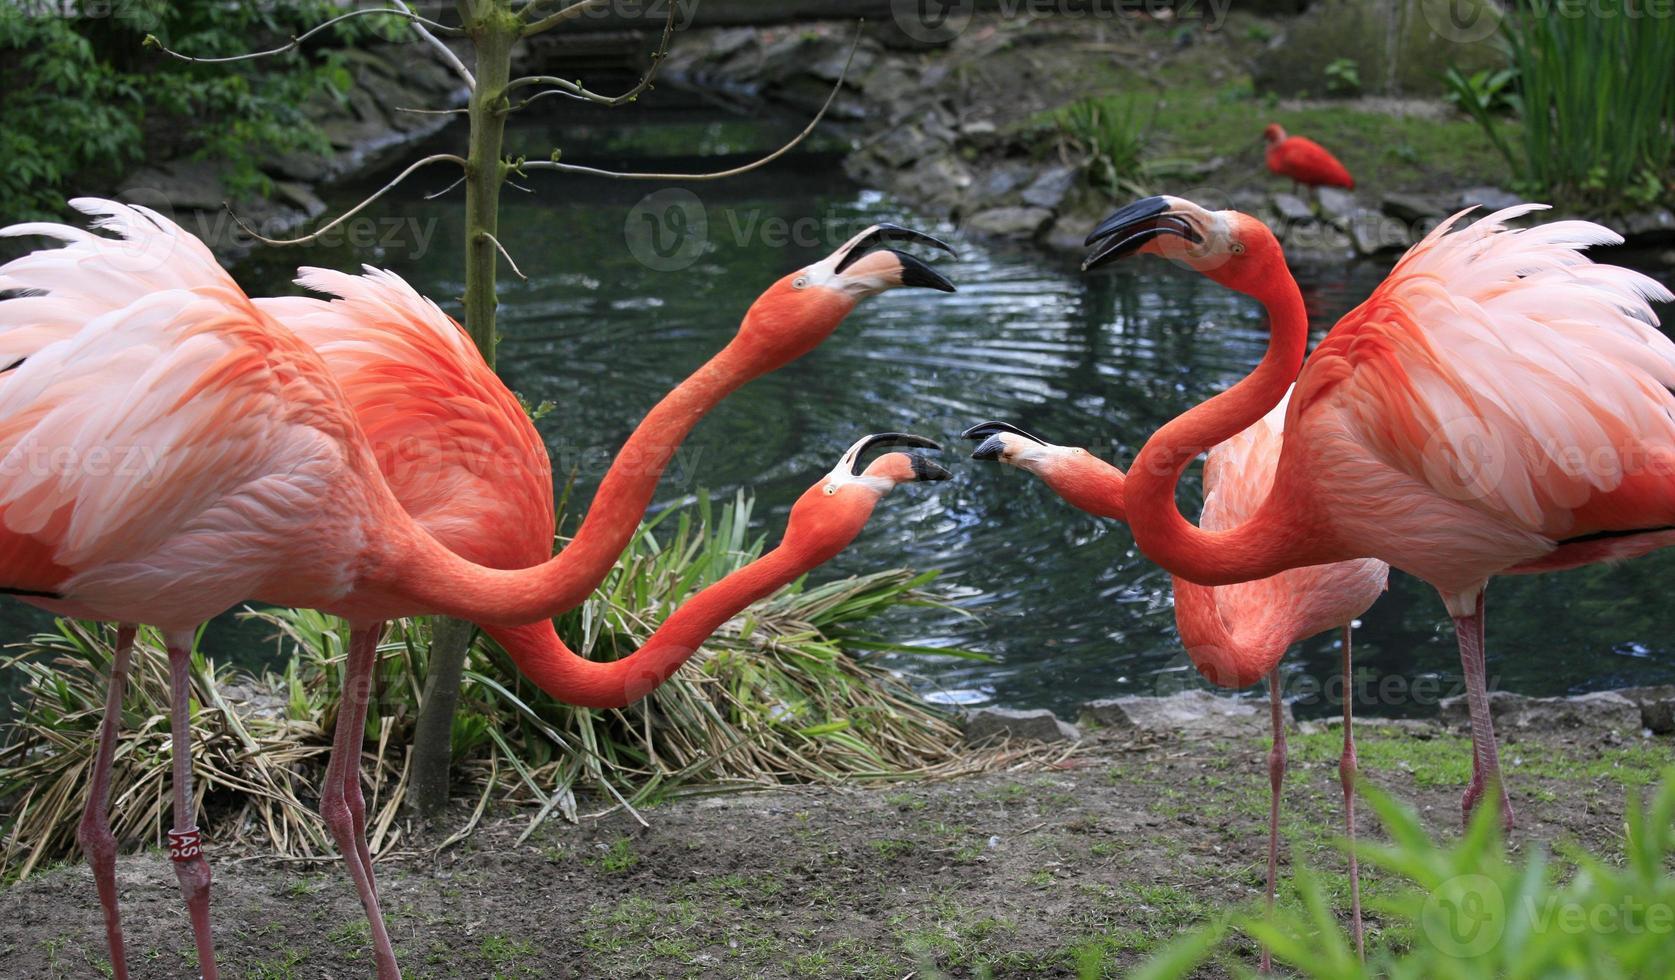 fenicotteri rossi che chiacchierano, riserva naturale, belgio foto